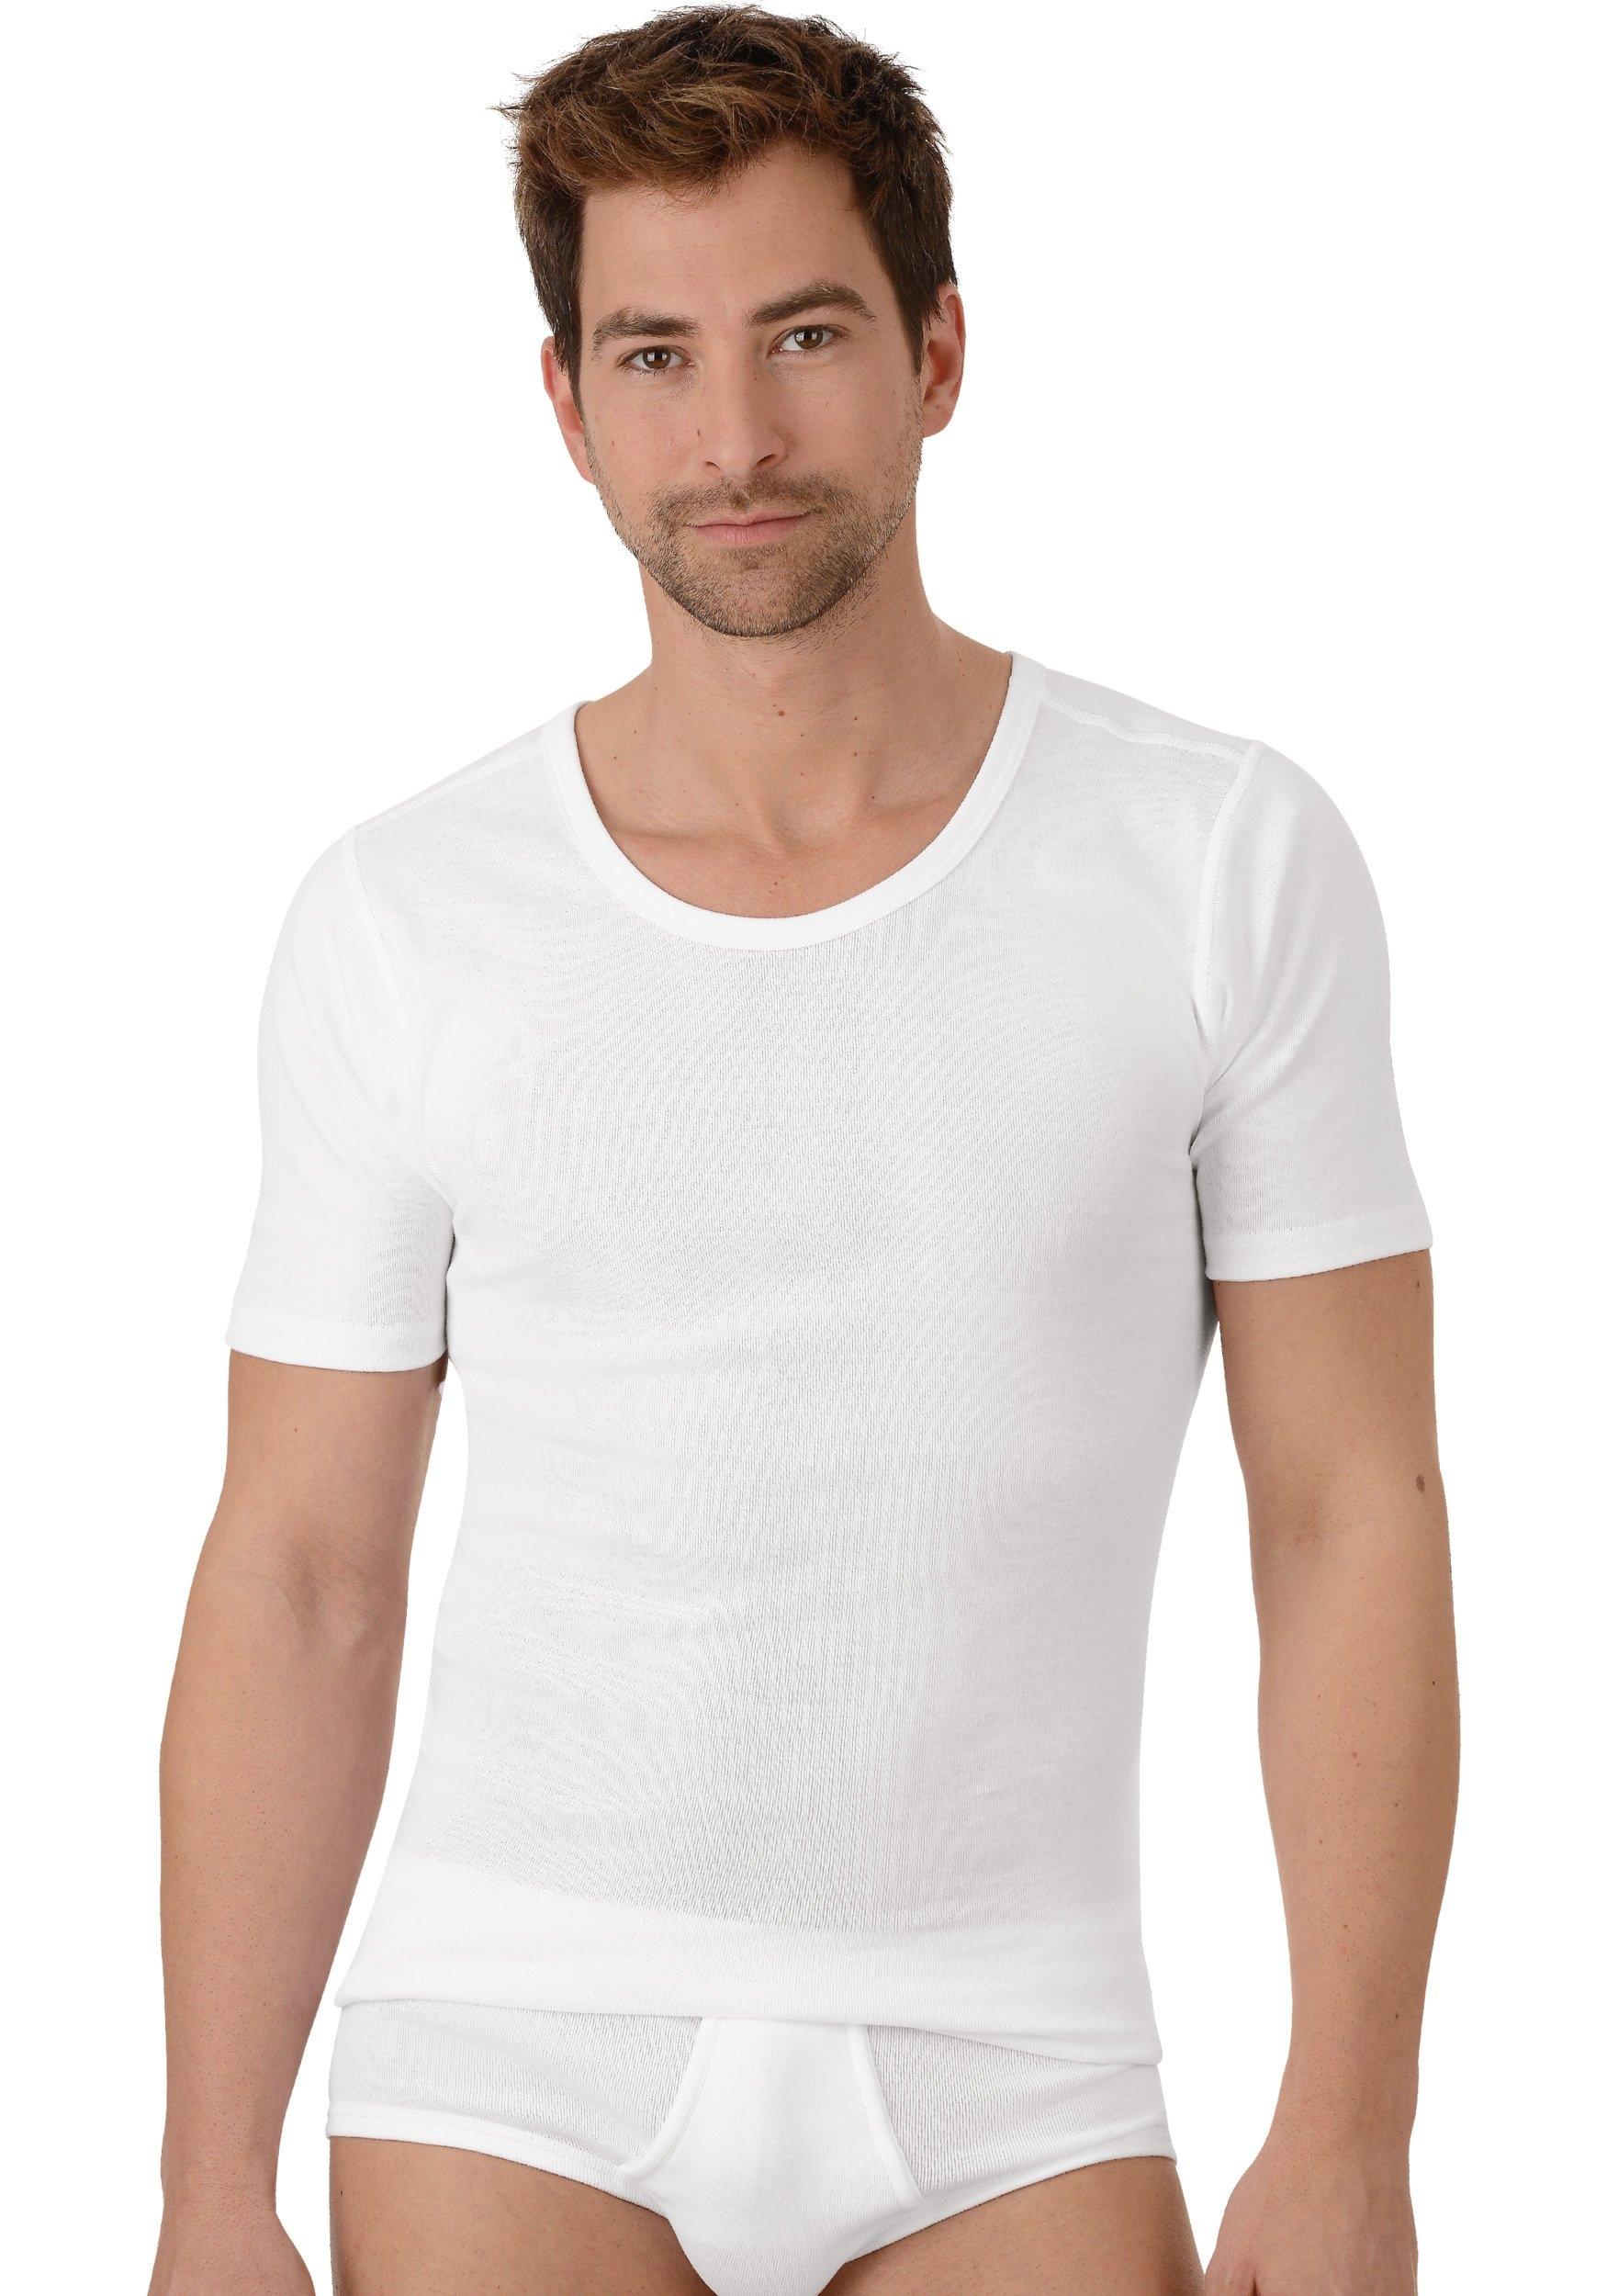 Trigema Heren onderhemd met half mouw - gratis ruilen op otto.nl